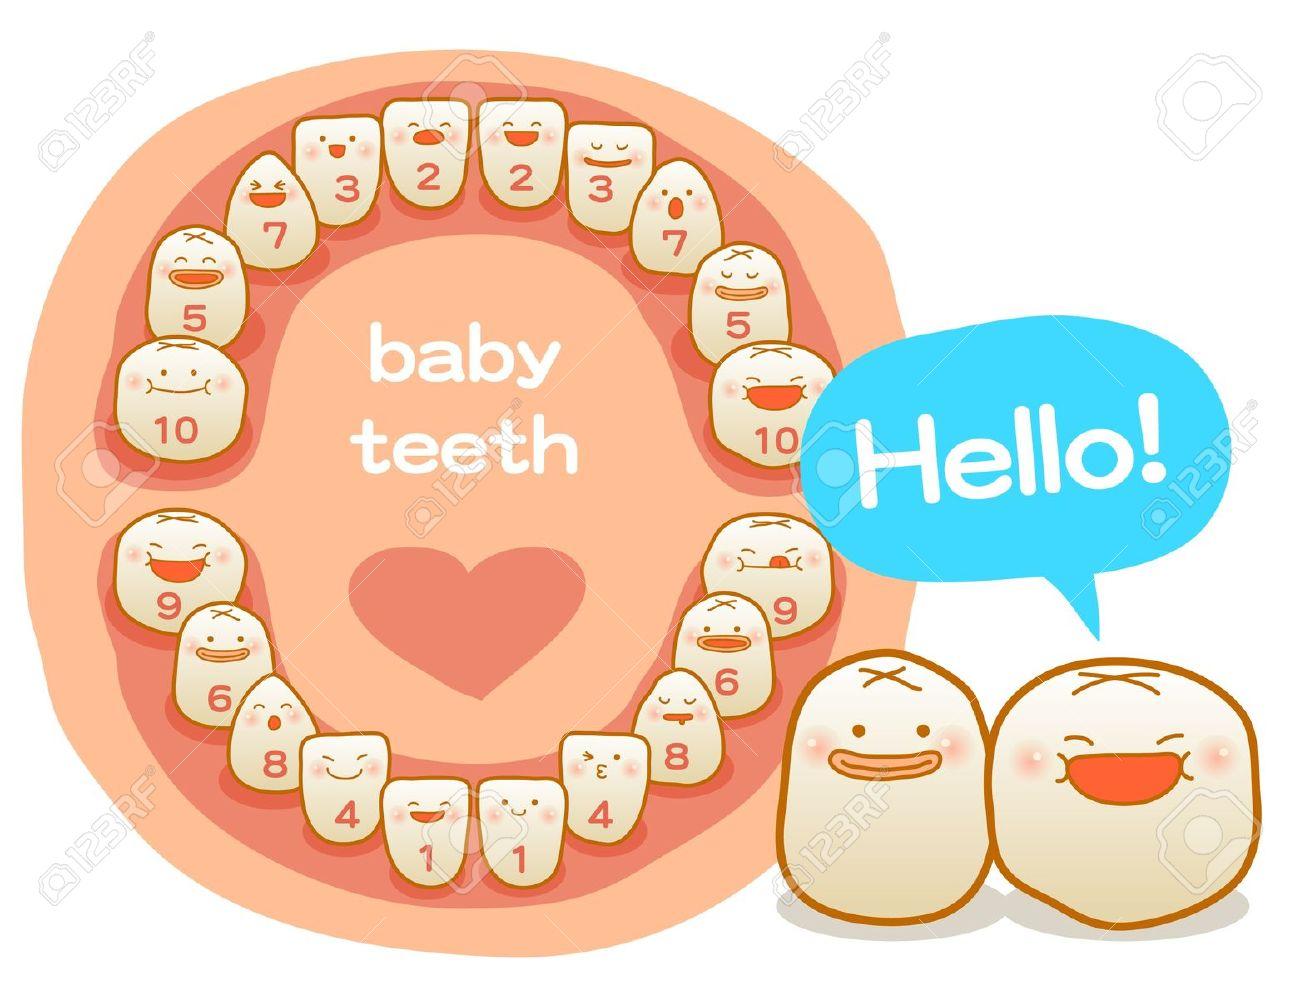 Baby Teeth, Vector Illustration, Brushing Teeth, Clean Teeth.